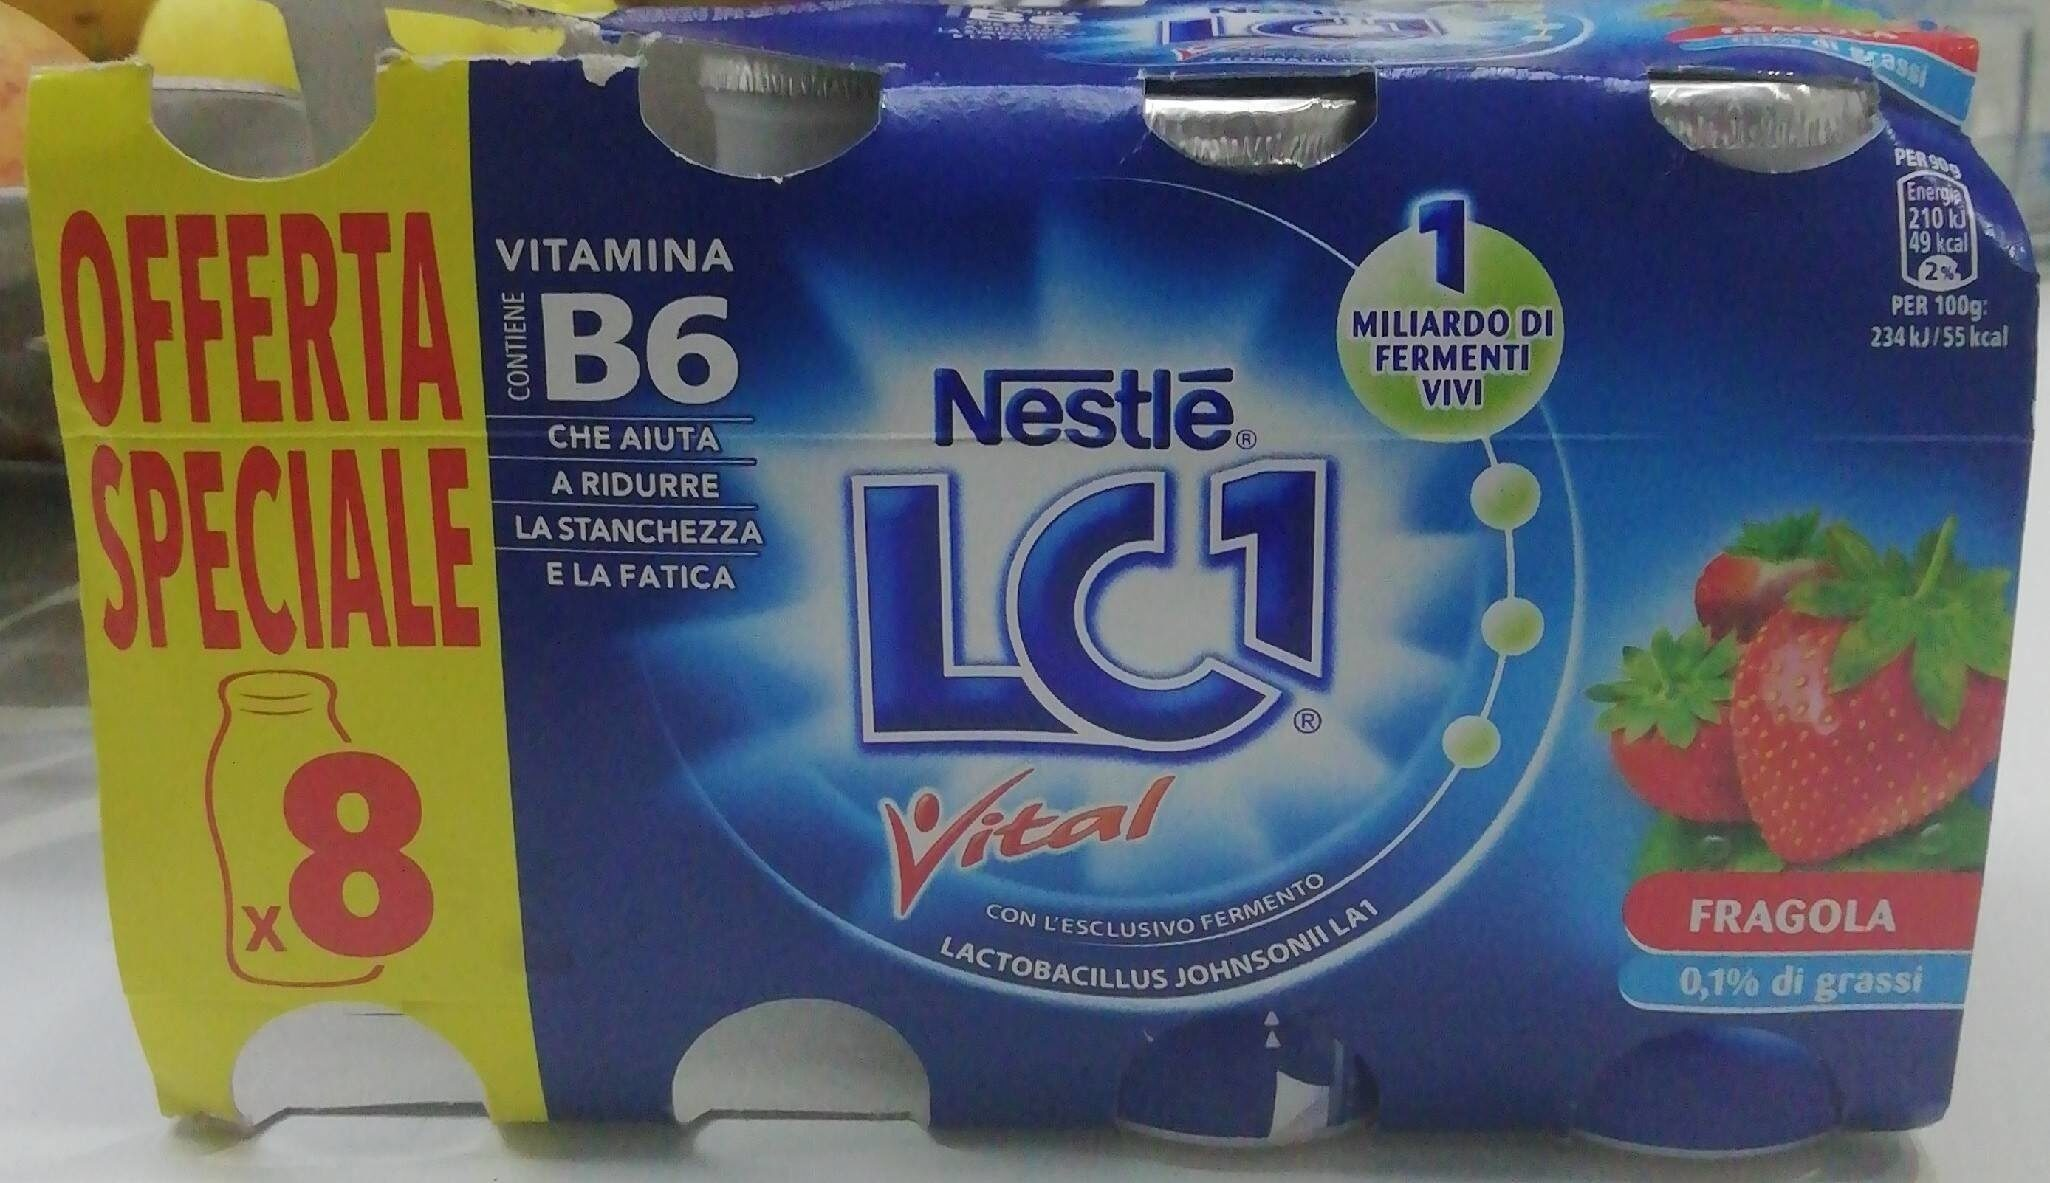 Nestlé LC1 Vital - Prodotto - it